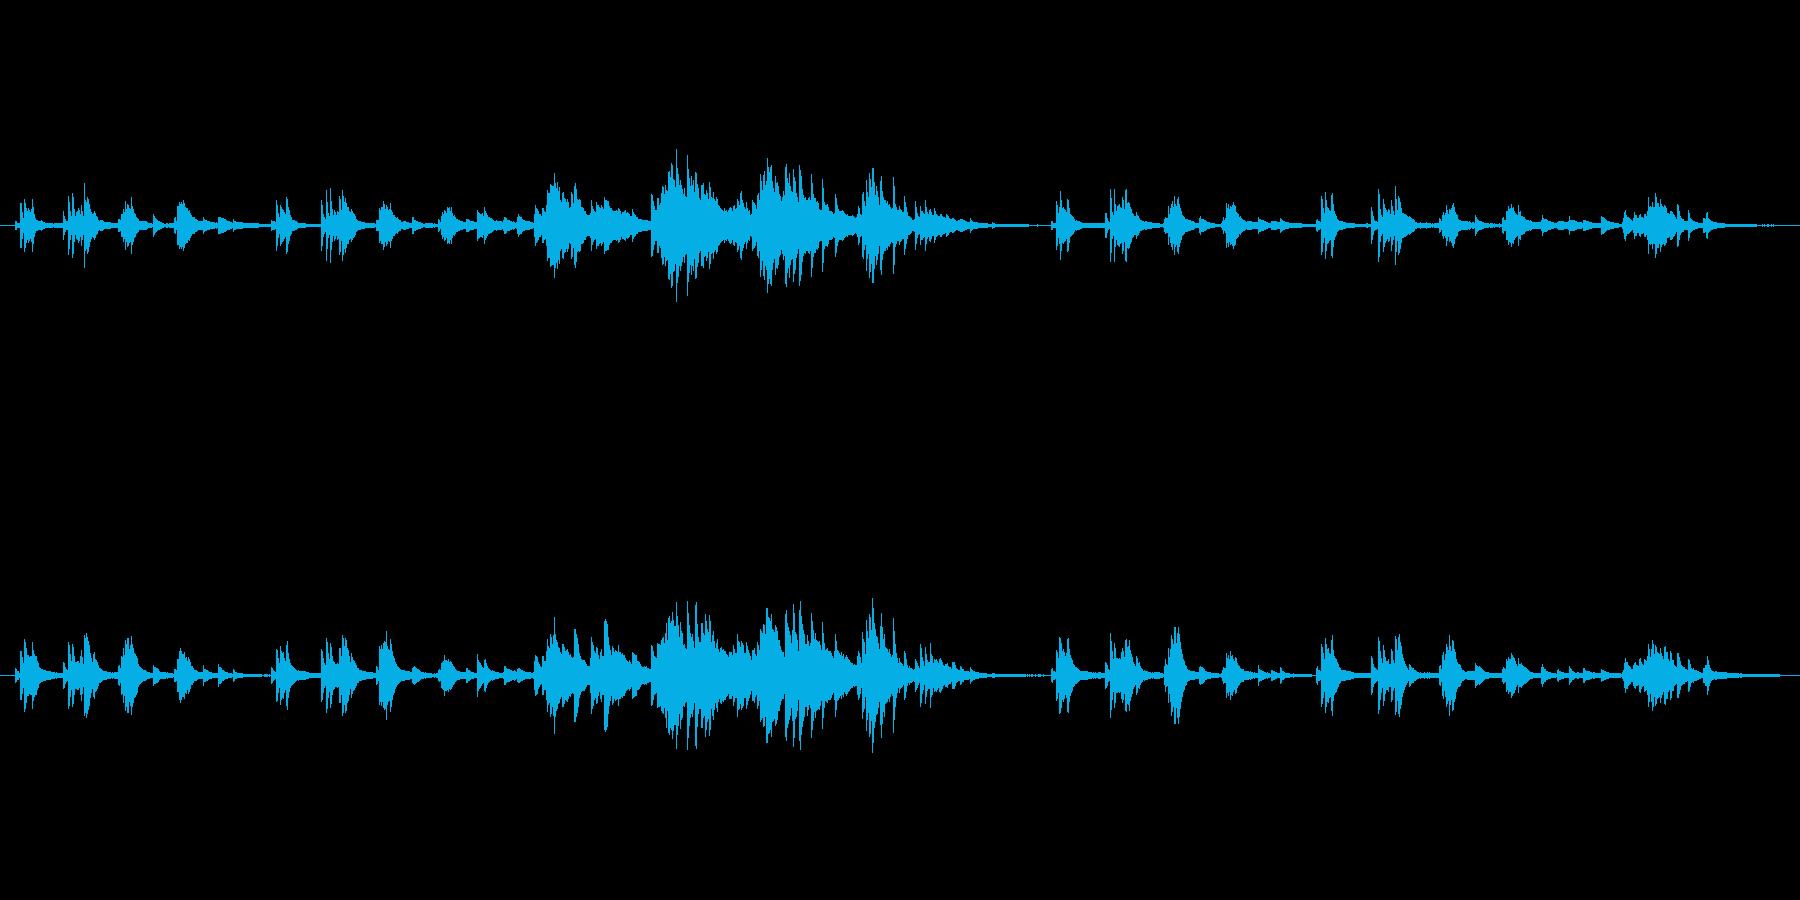 ・静かなピアノソロ曲です。・アニメやゲ…の再生済みの波形